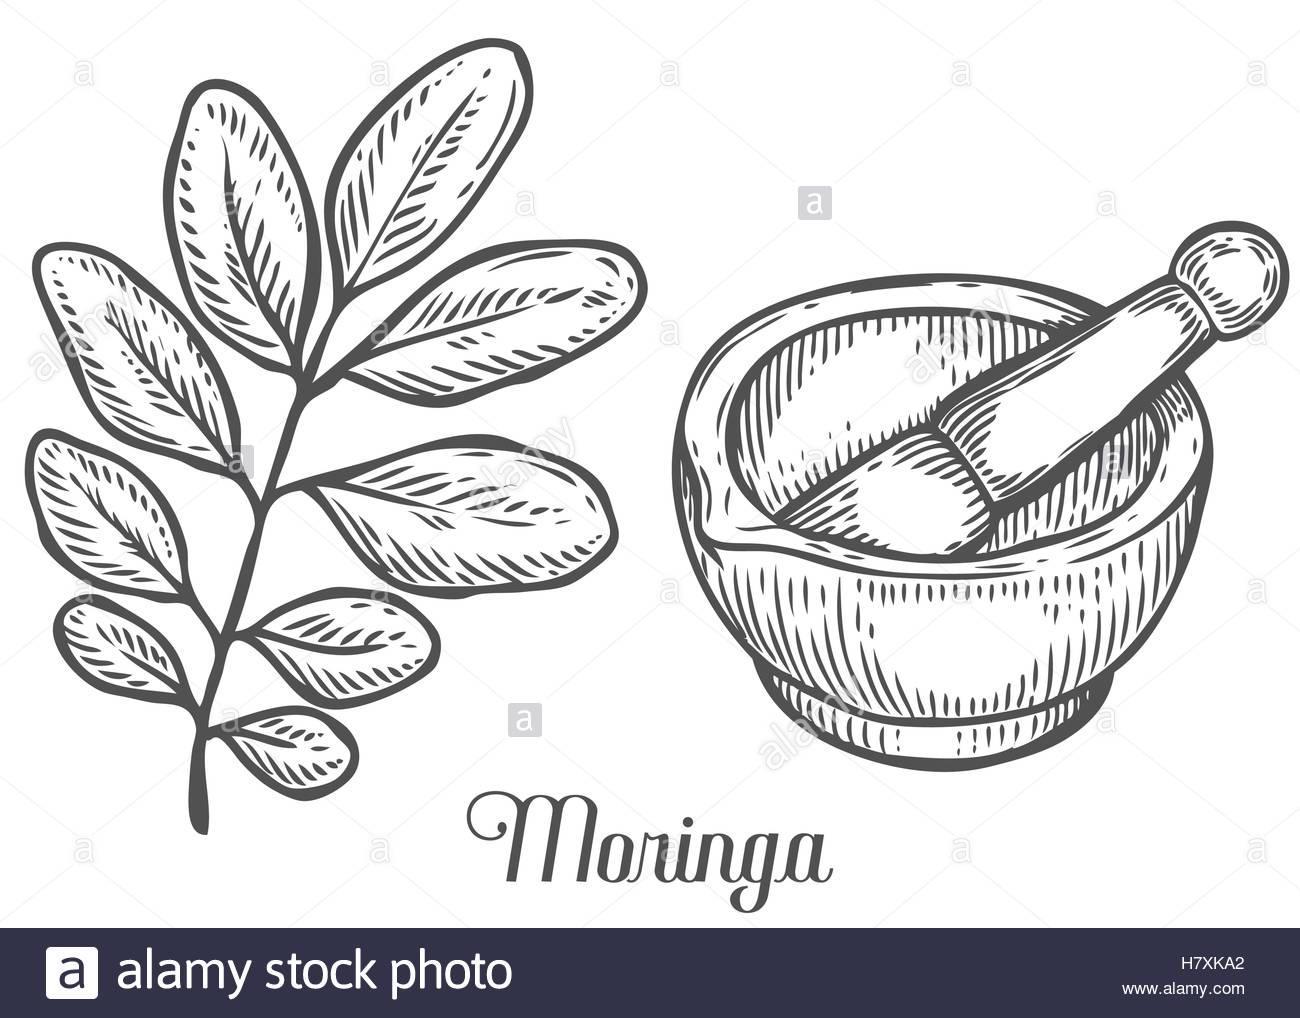 1300x1018 Moringa Plant, Leaf With Mortar And Pestle. Moringa Vintage Sketch